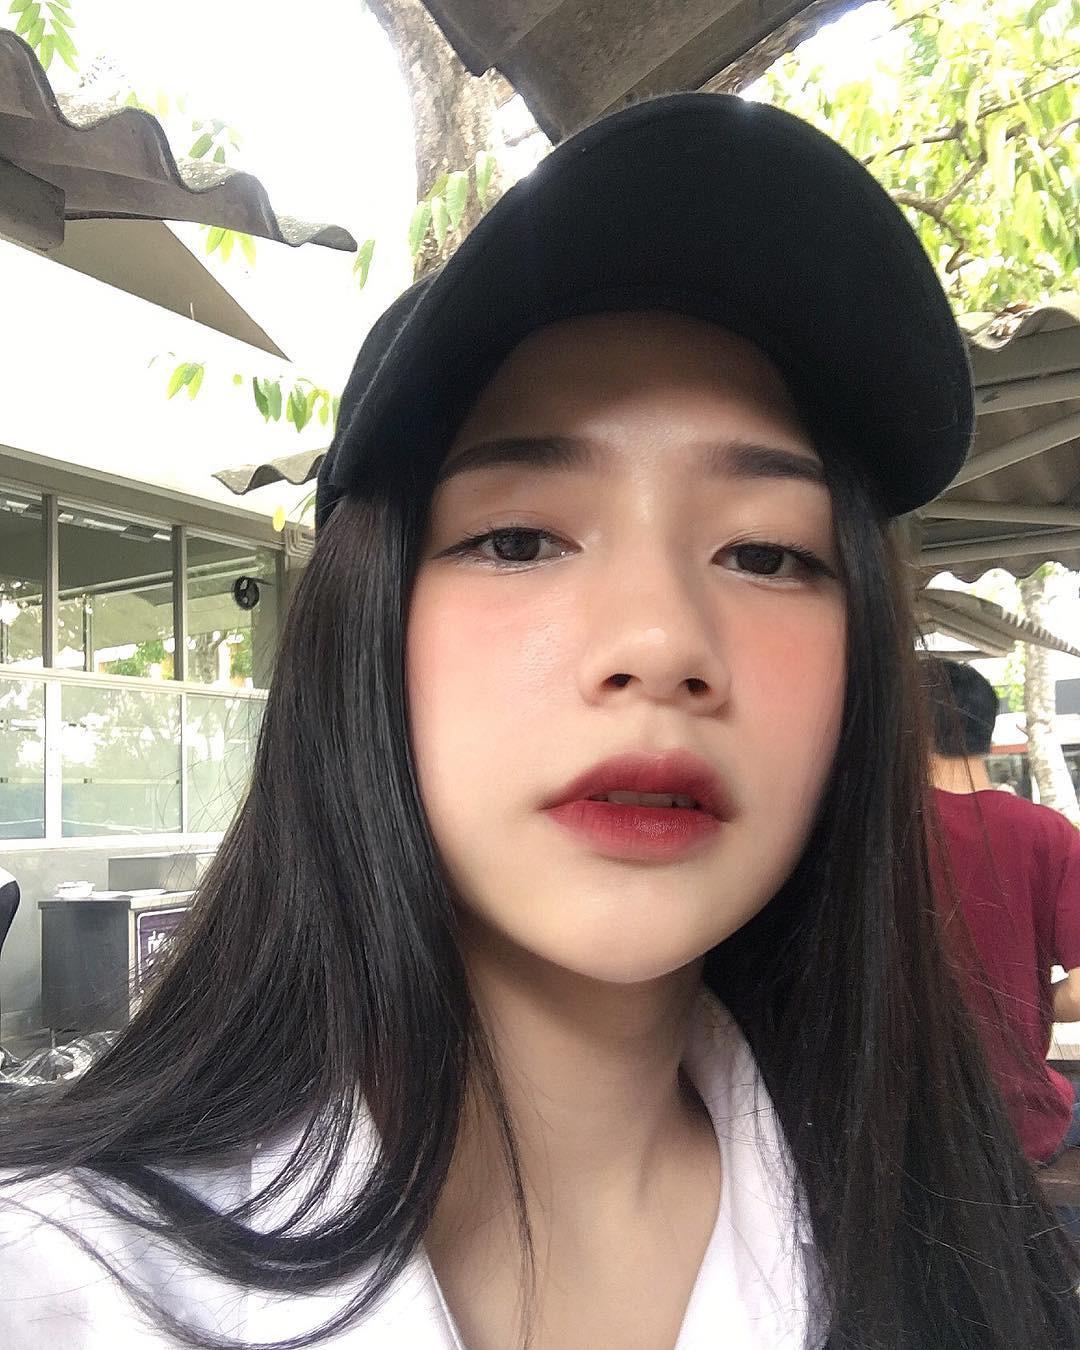 3 kiểu má hồng Hàn Quốc giúp bạn gái xinh xắn tự nhiên trong mùa lễ hội cuối năm - Ảnh 1